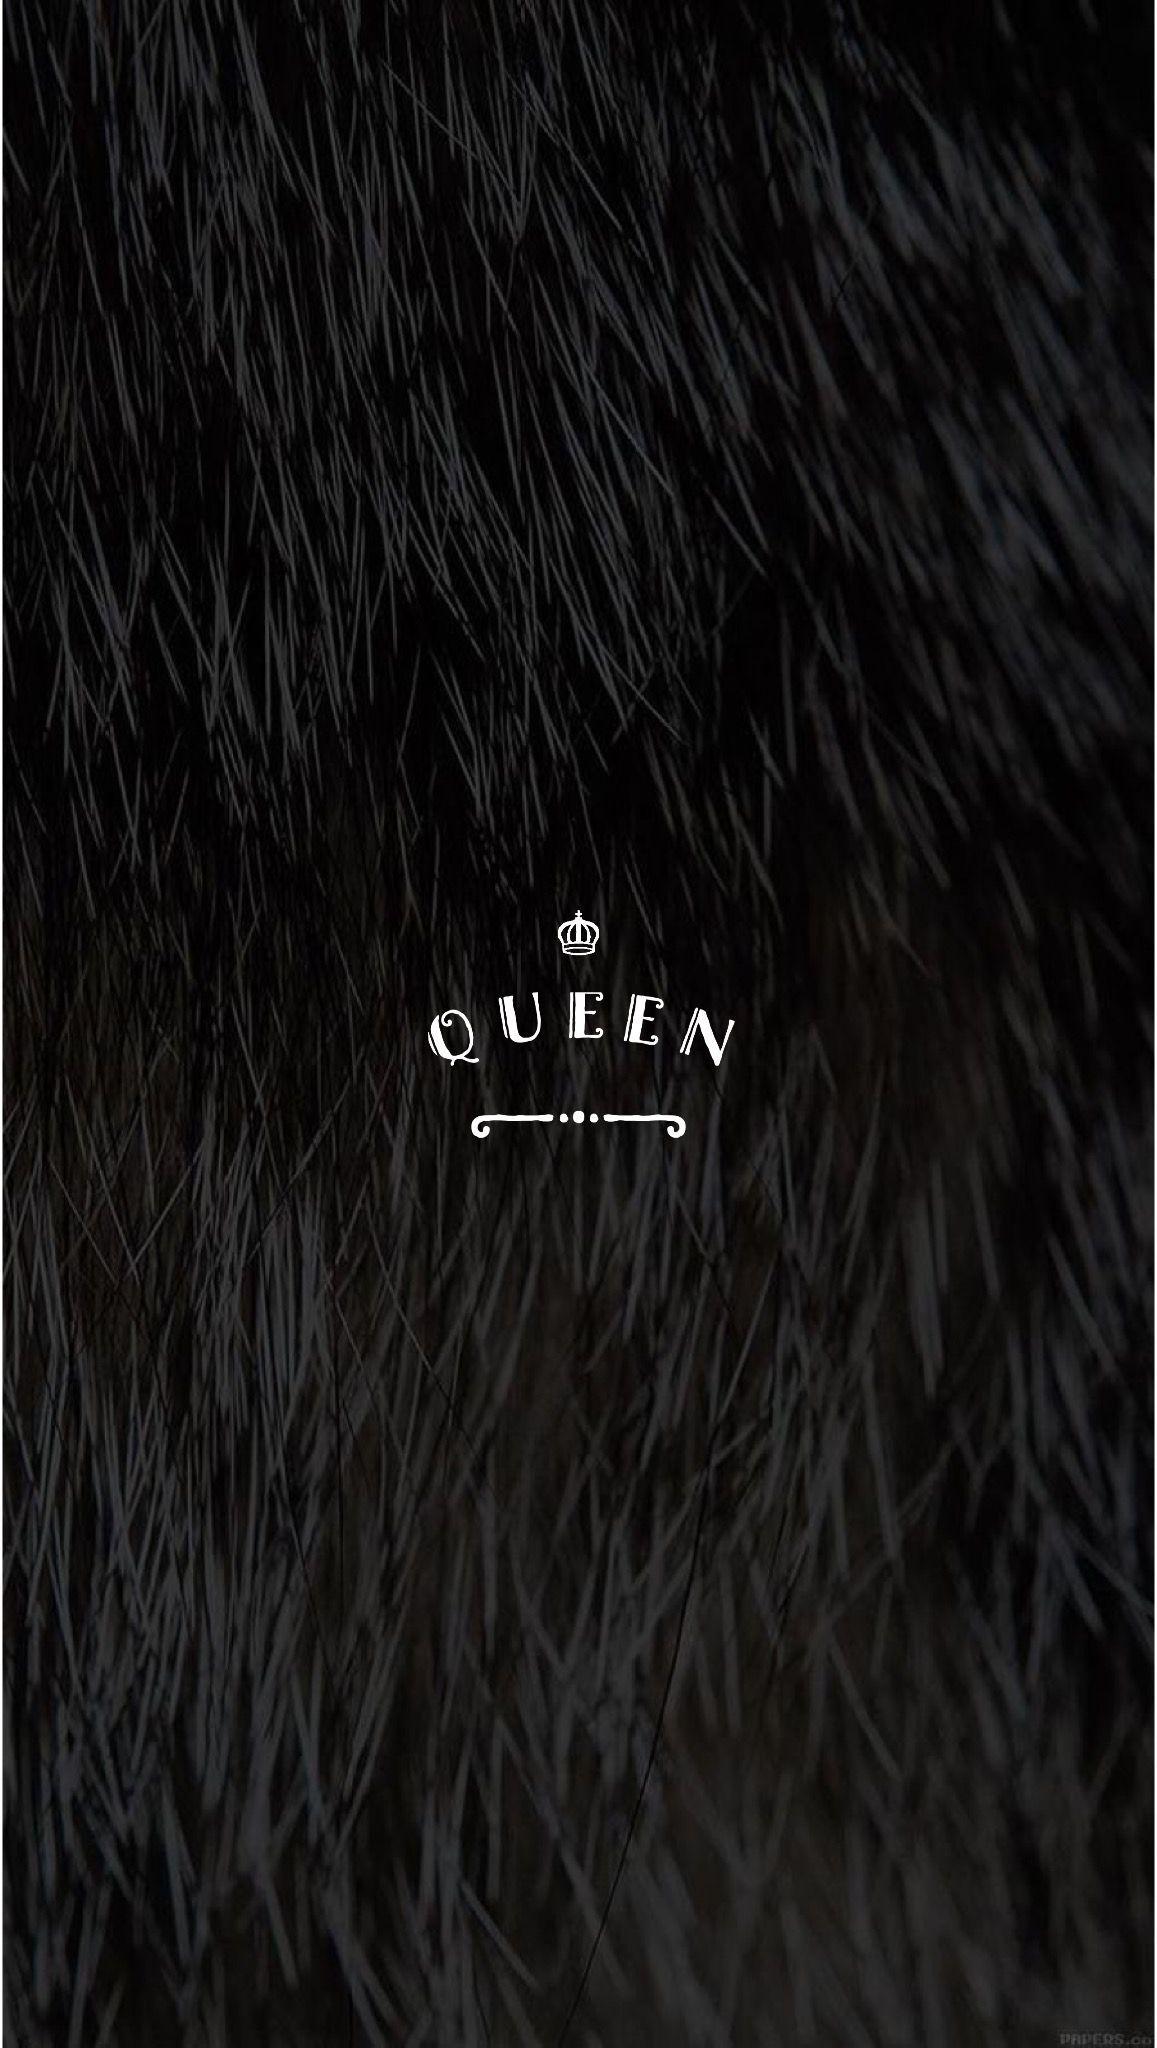 Explore More Wallpapers Queens Wallpaper Cute Black Wallpaper